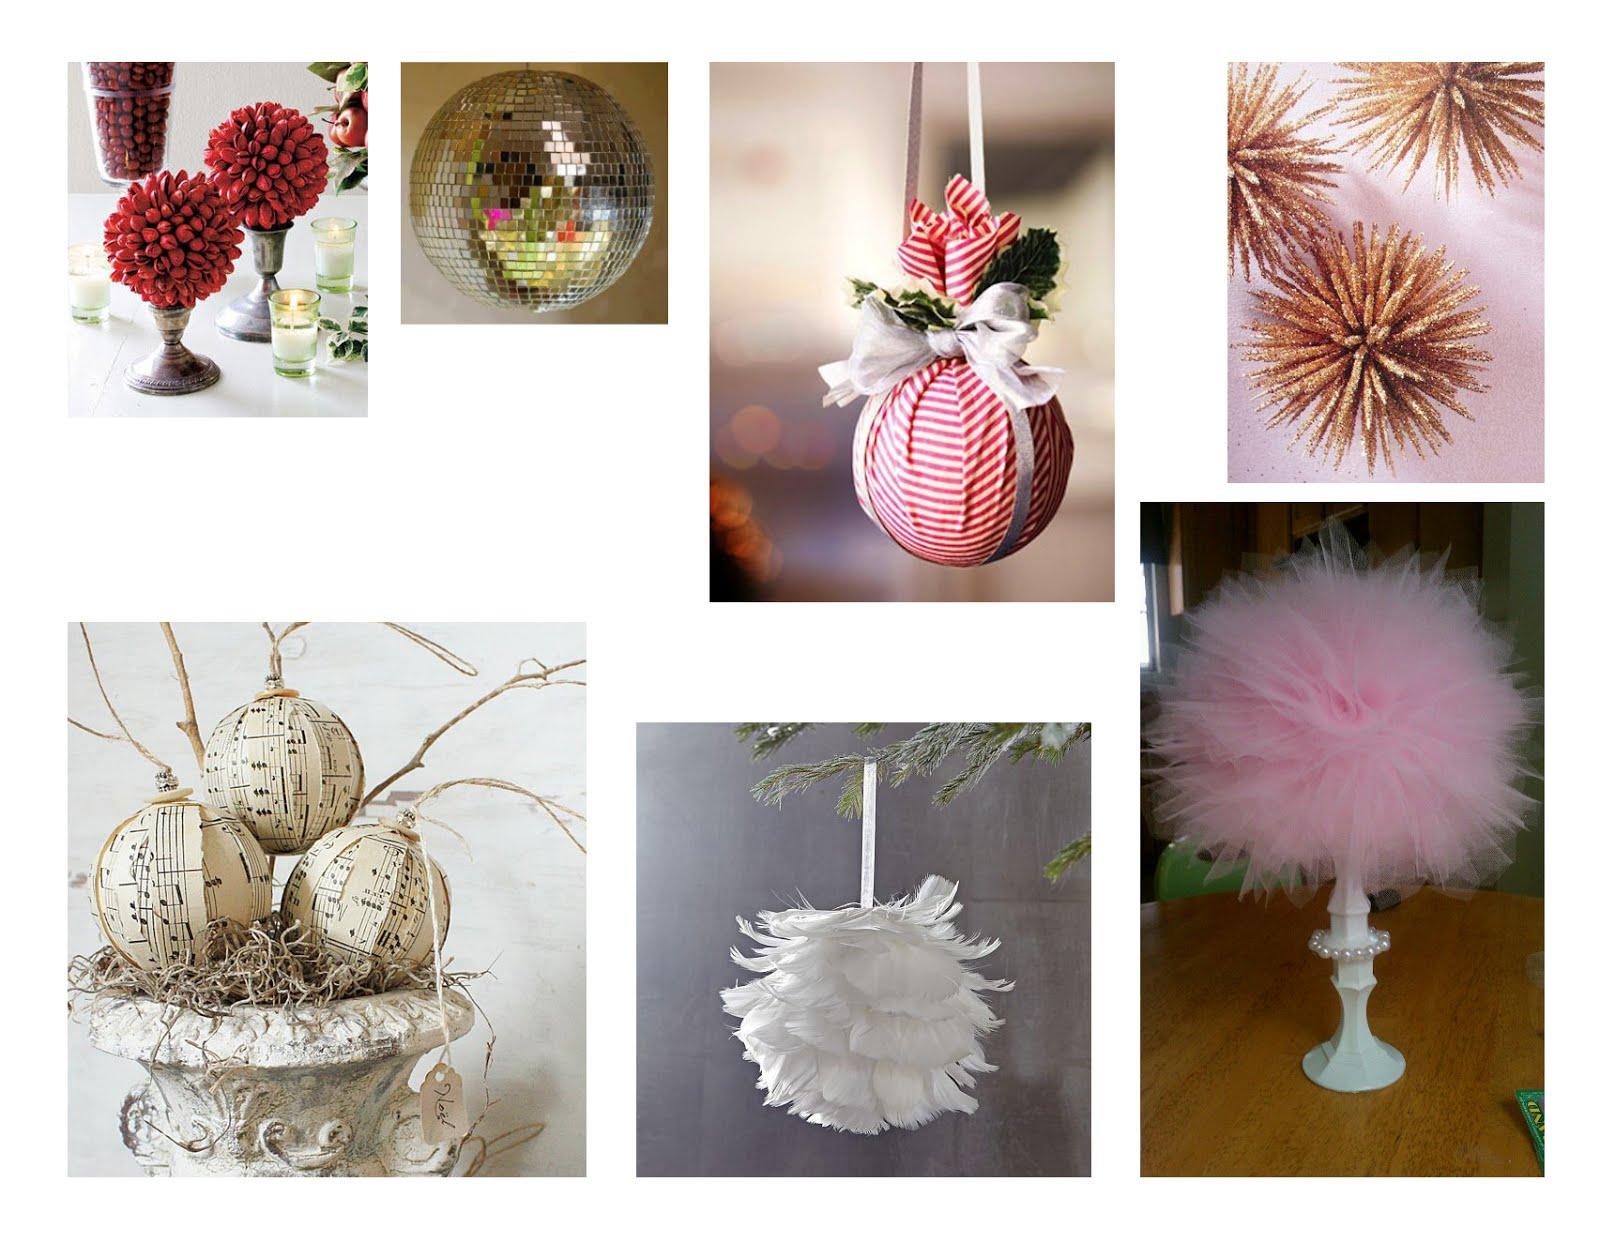 Пенопластовые шары и поделки из них: мастер-классы, идеи и 30